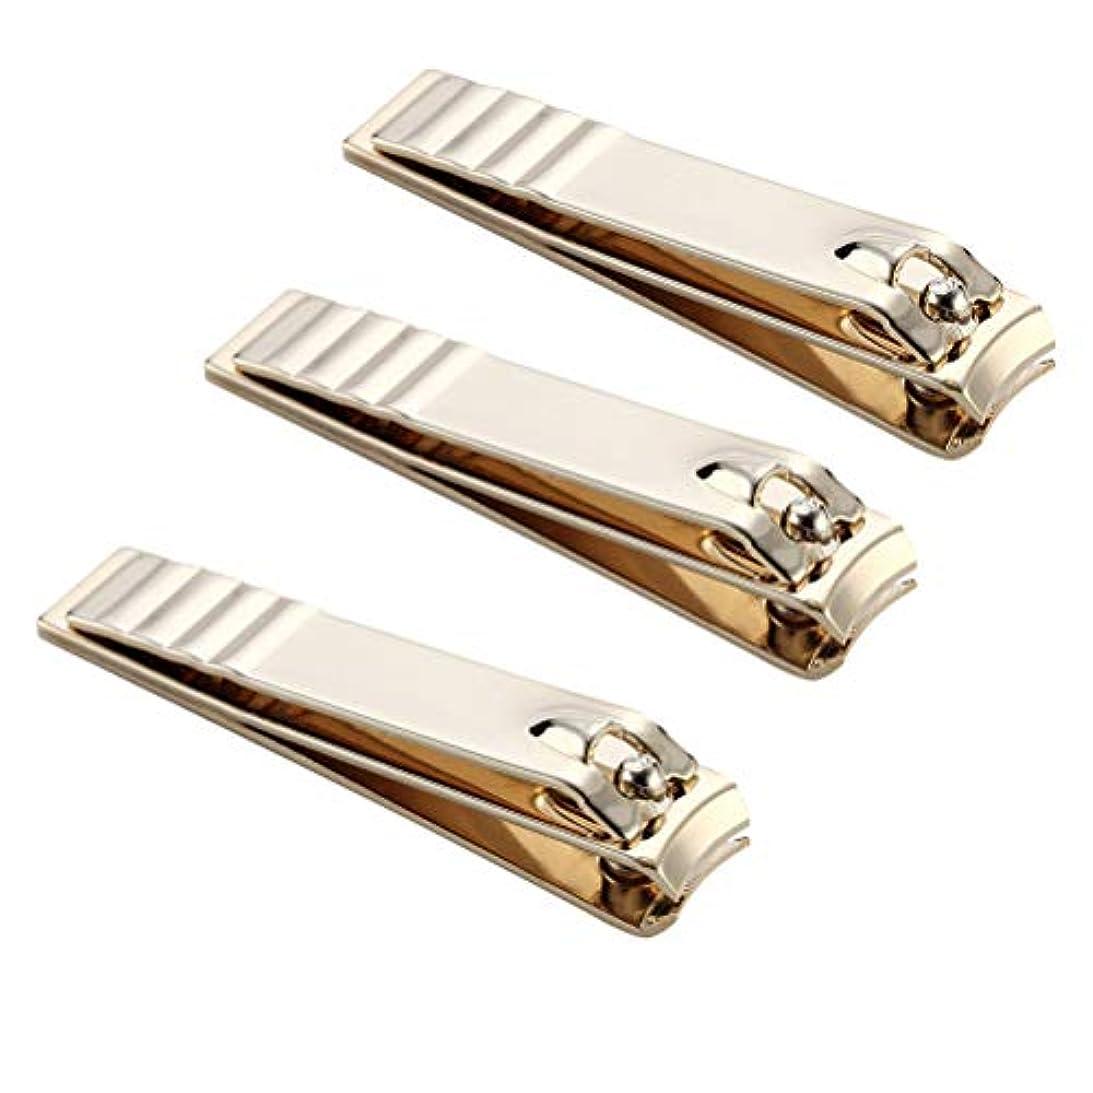 文芸回転させる動機付けるLurrose 3PCS炭素鋼ネイルカッターマニキュアツール多機能ネイルクリッパー(ゴールデン)